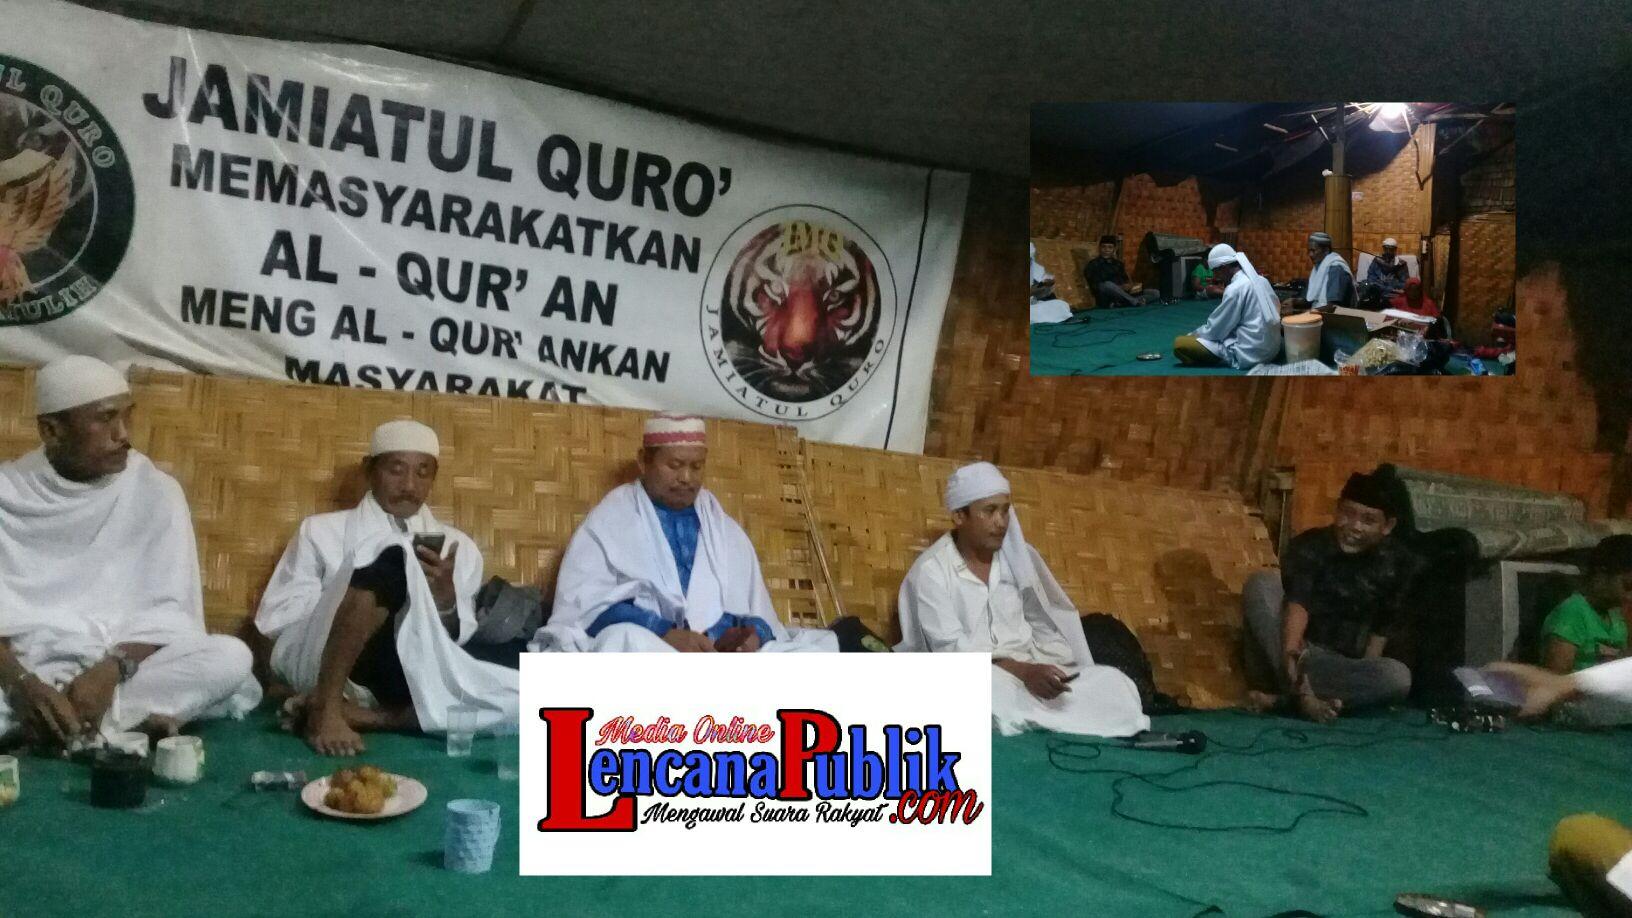 Jamiatul Quro Prabumulih Memaknai Dan Mengarti kan Bulan Rajab